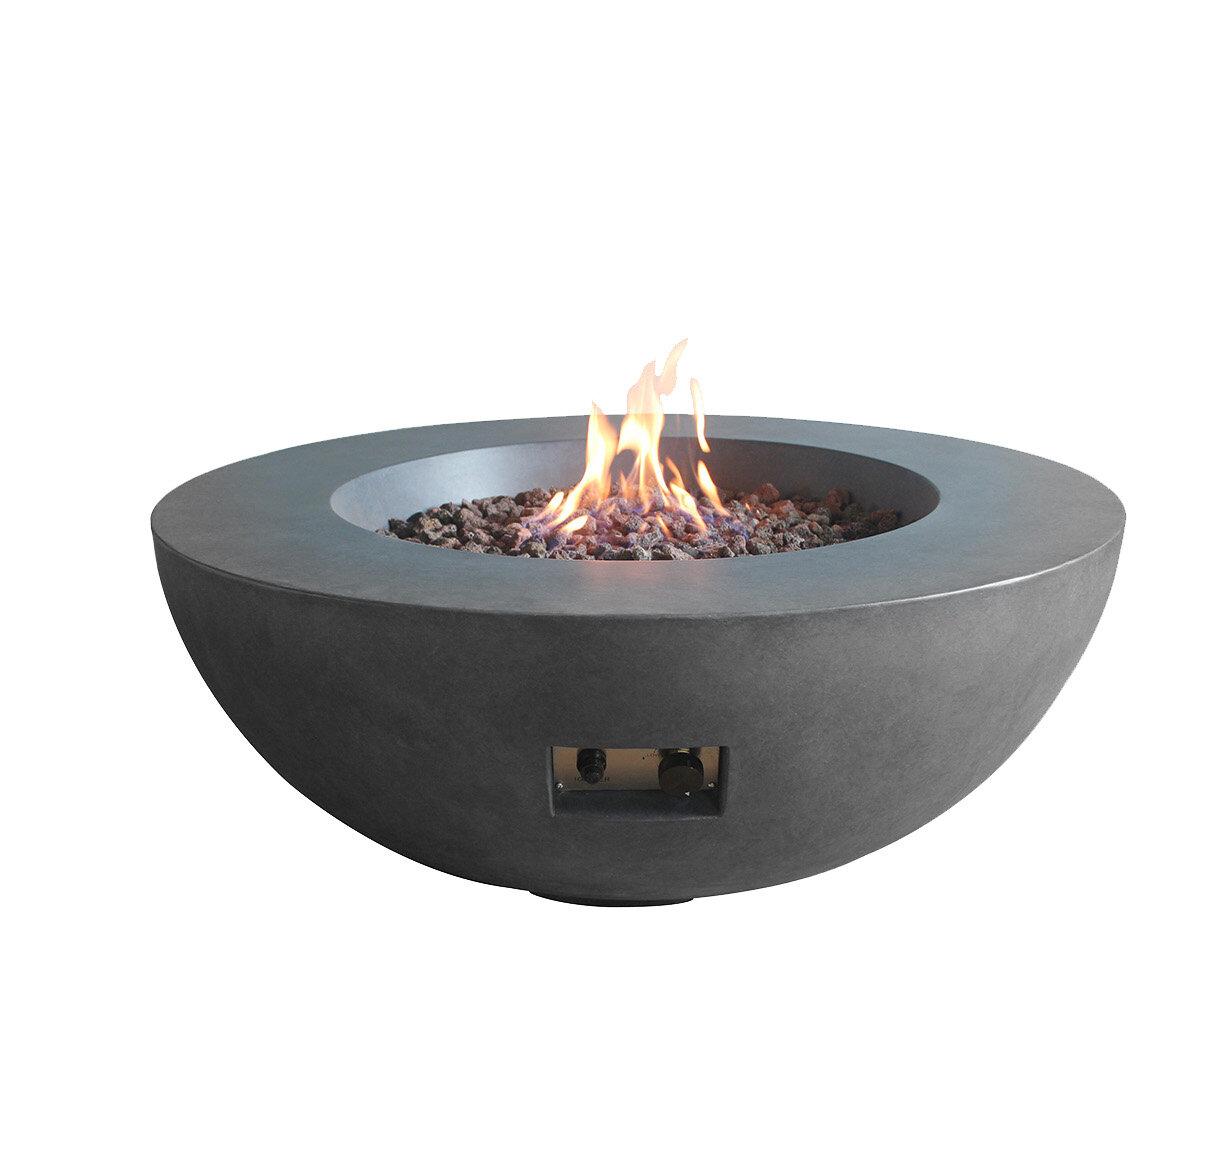 Weern Concrete Propane Fire Pit Joss Main